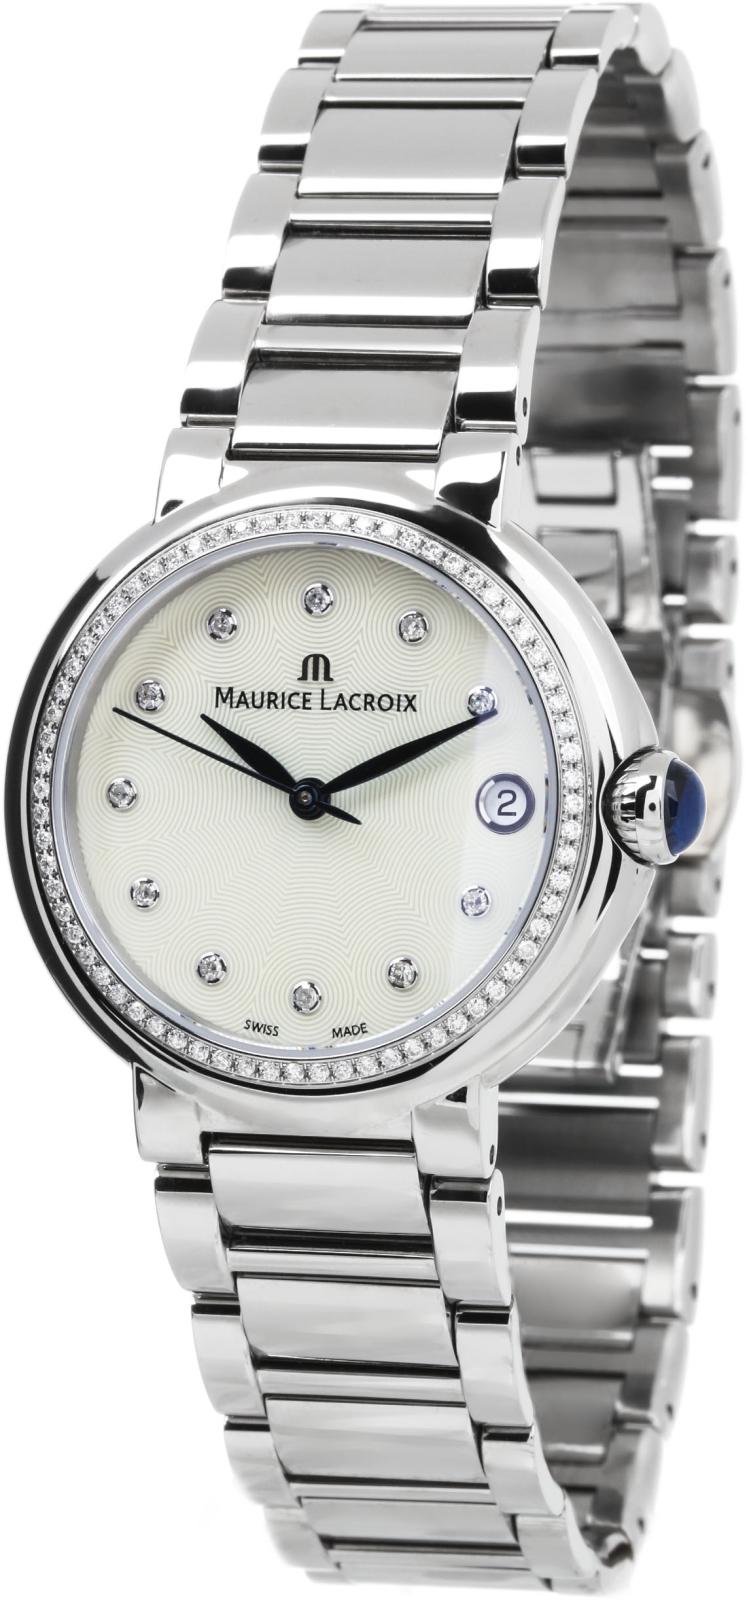 Maurice Lacroix Fiaba FA1004-SD502-170-1 maurice lacroix fiaba fa1004 pvp13 150 1